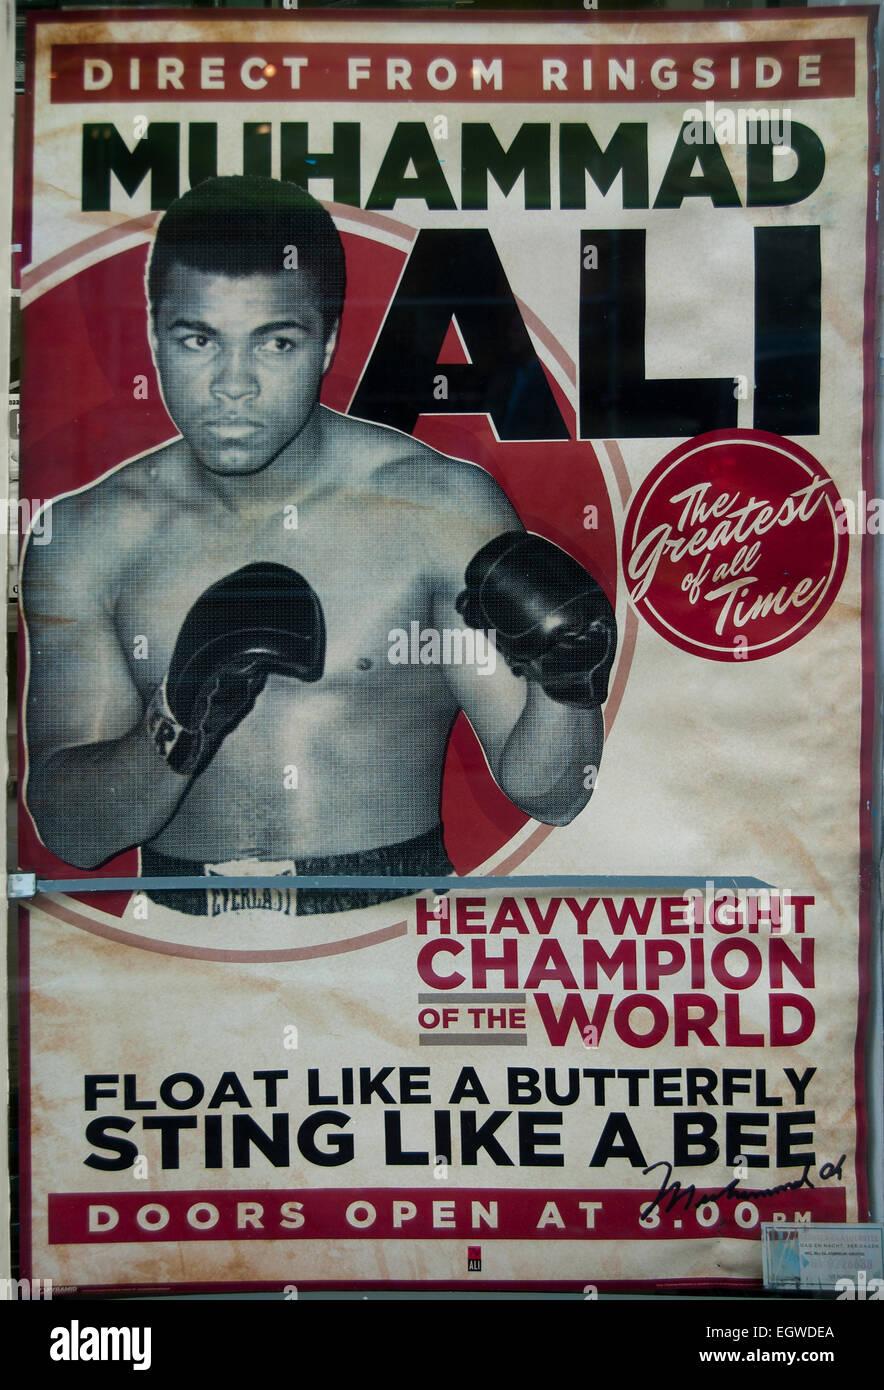 Muhammad Ali pugilato Boxer mondo heavy weight Champion ( diretta dal ringside ) Immagini Stock